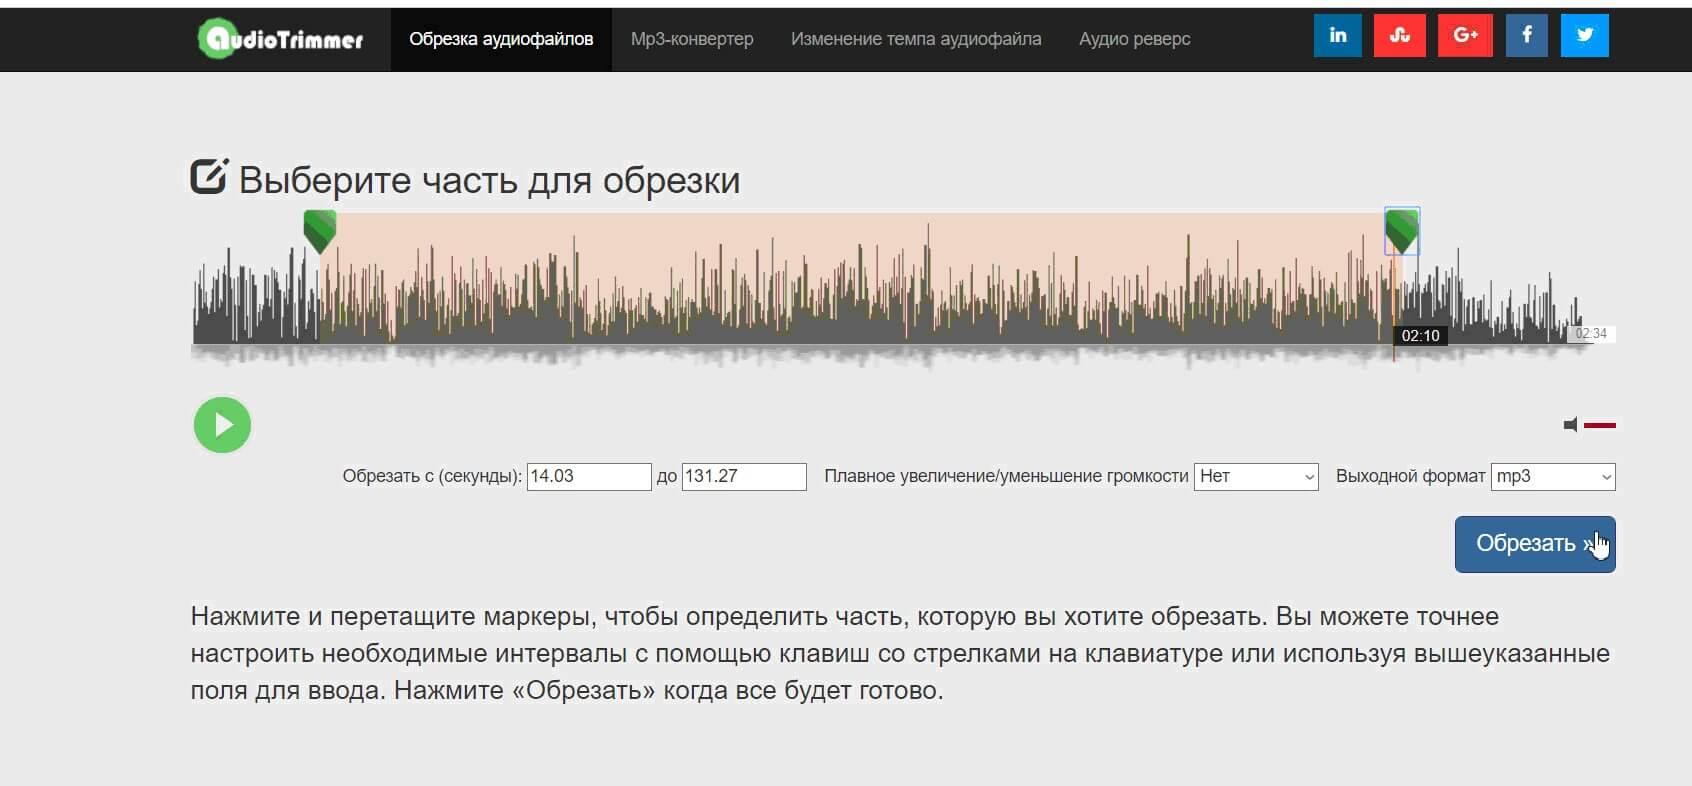 редактирование музыки онлайн